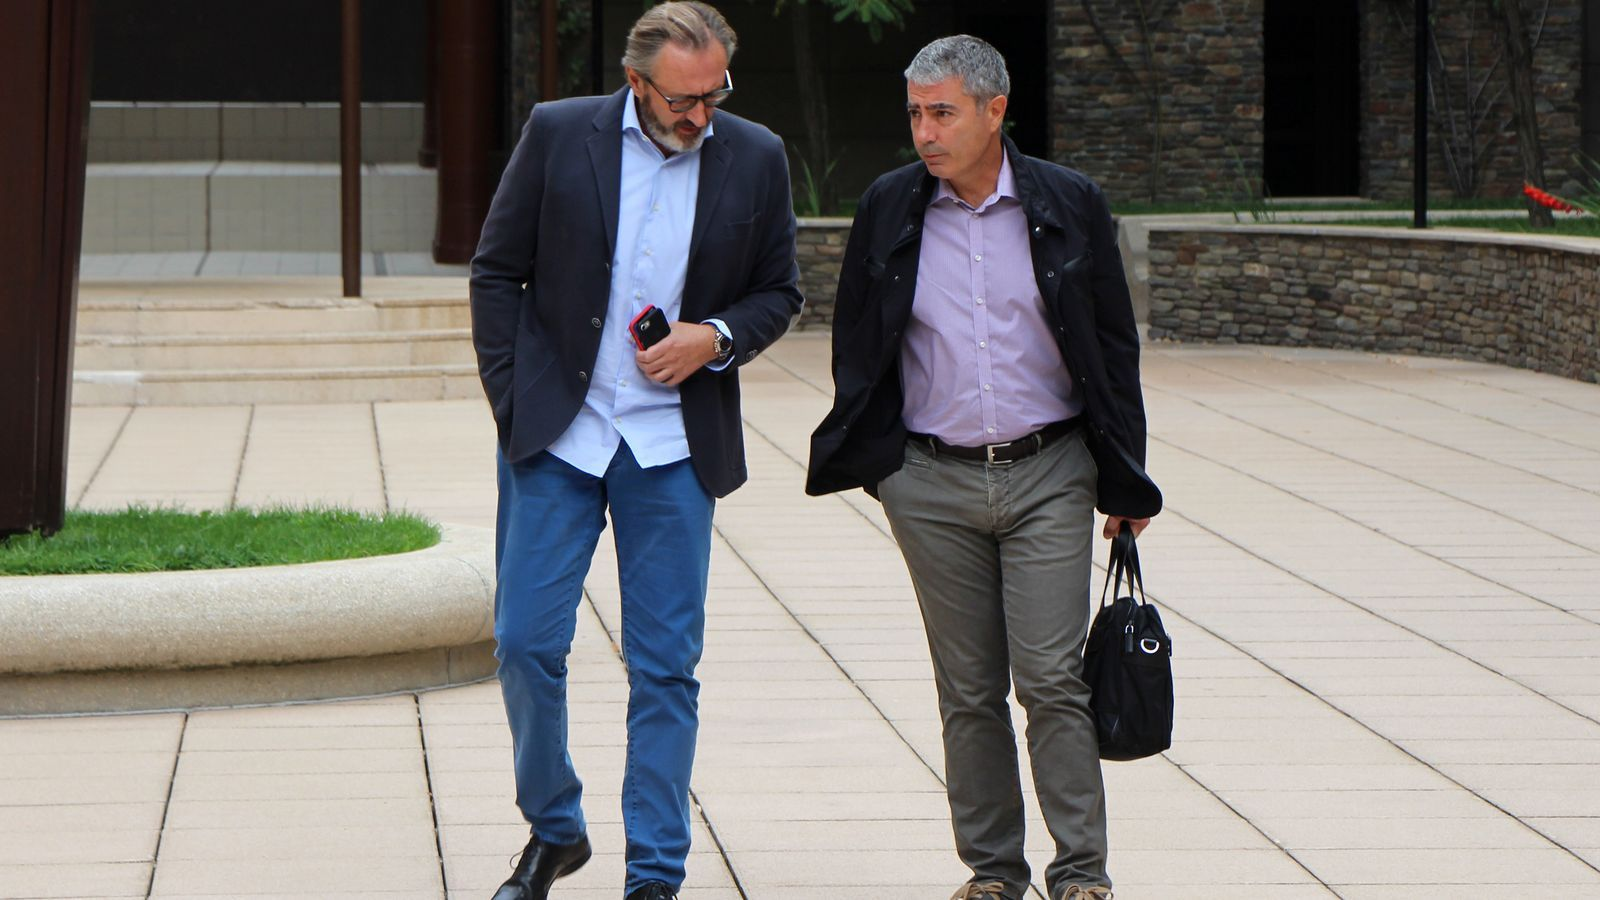 Higini Cierco i Joan Pau Miquel conversen abans d'entrar a la sala del judici. / C.G. (ANA)